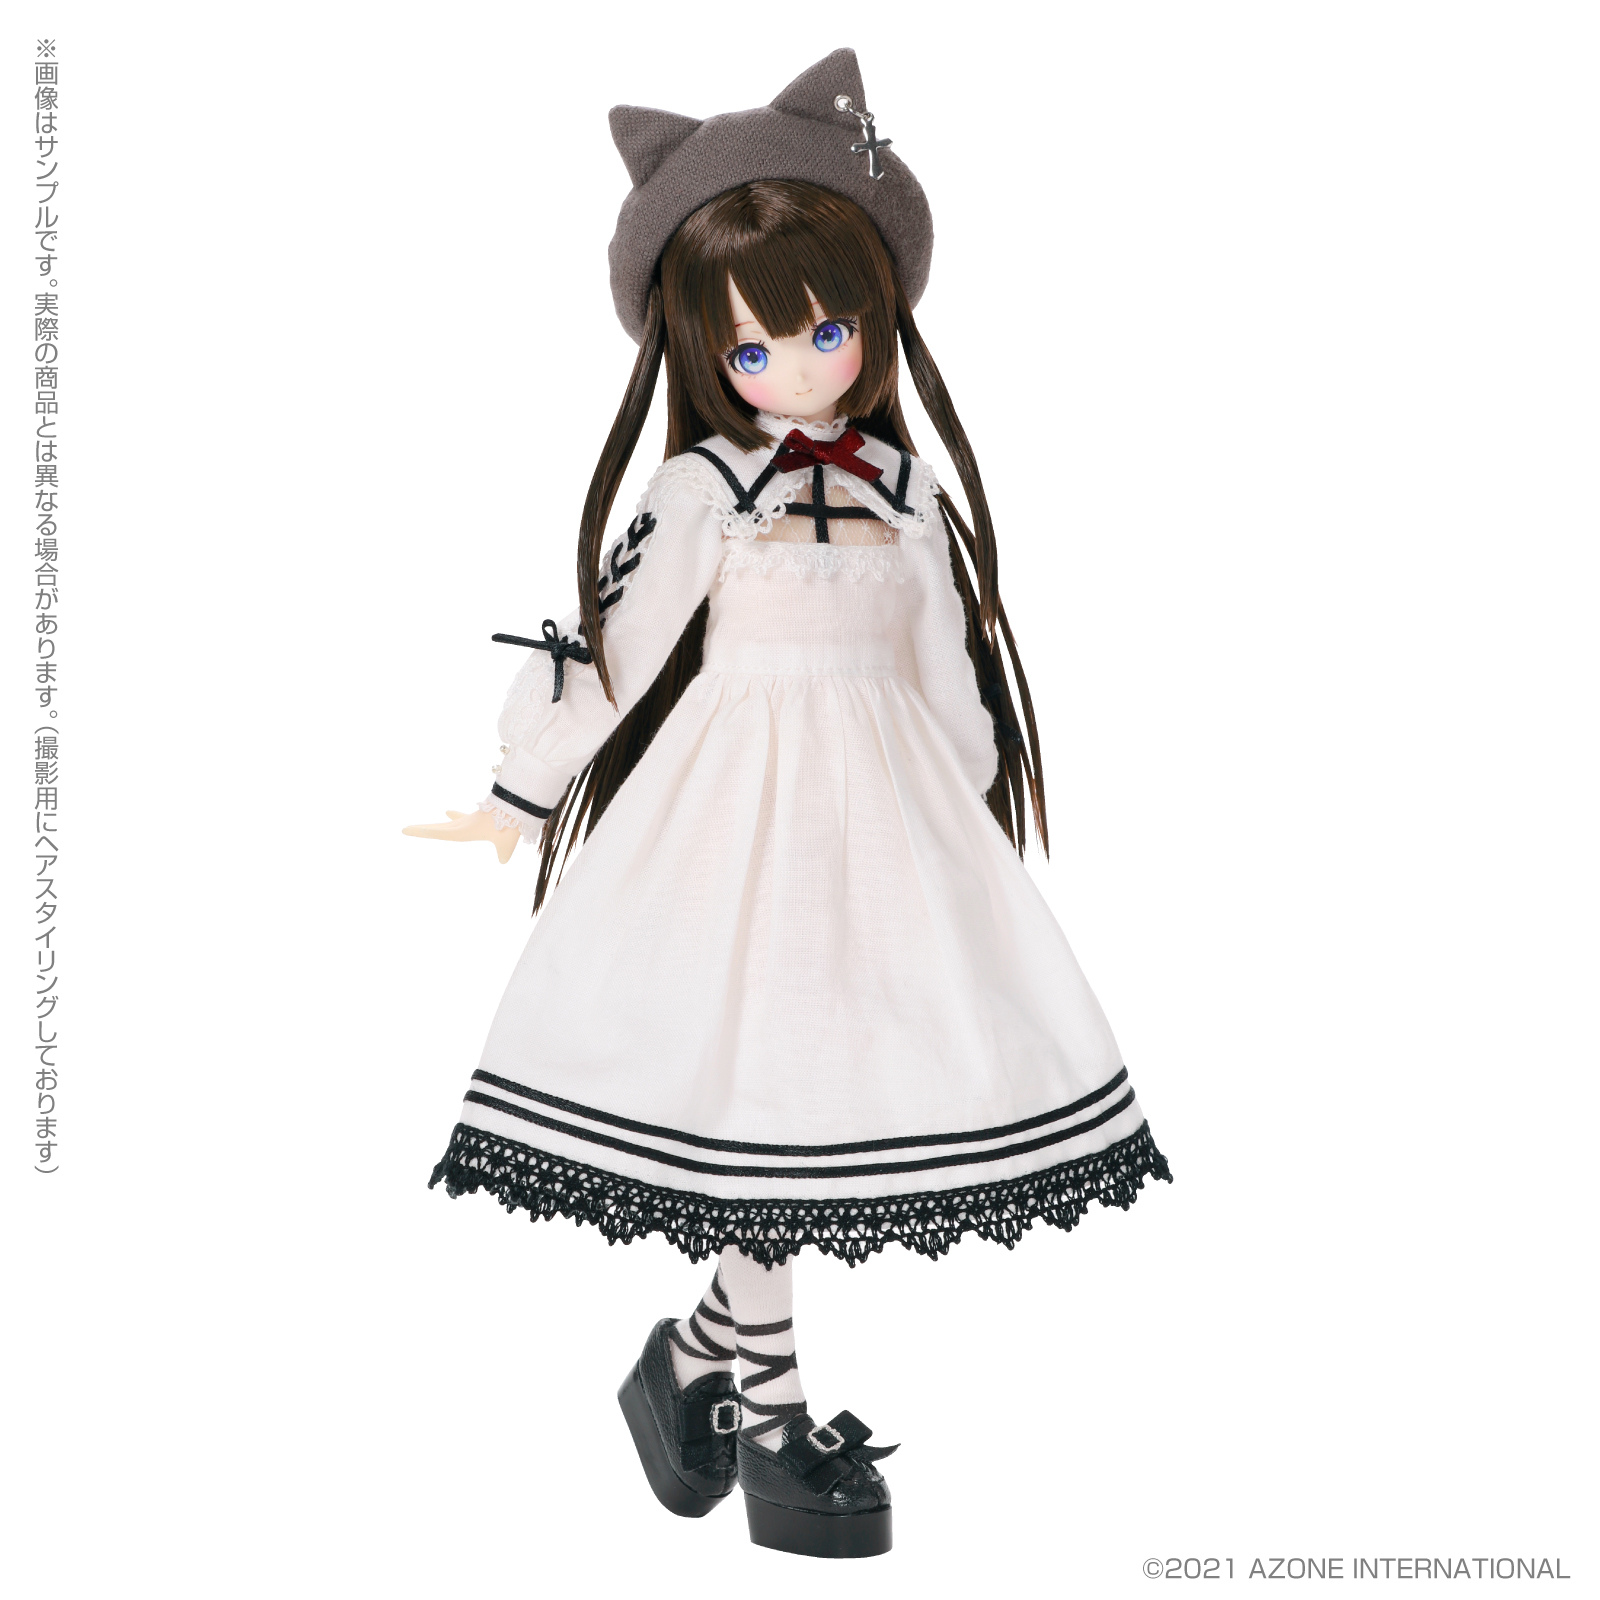 ルミナス*ストリート『みい/Mii ~Cat walking path~(通常販売ver.)』Luminous*Street 1/6 完成品ドール-008